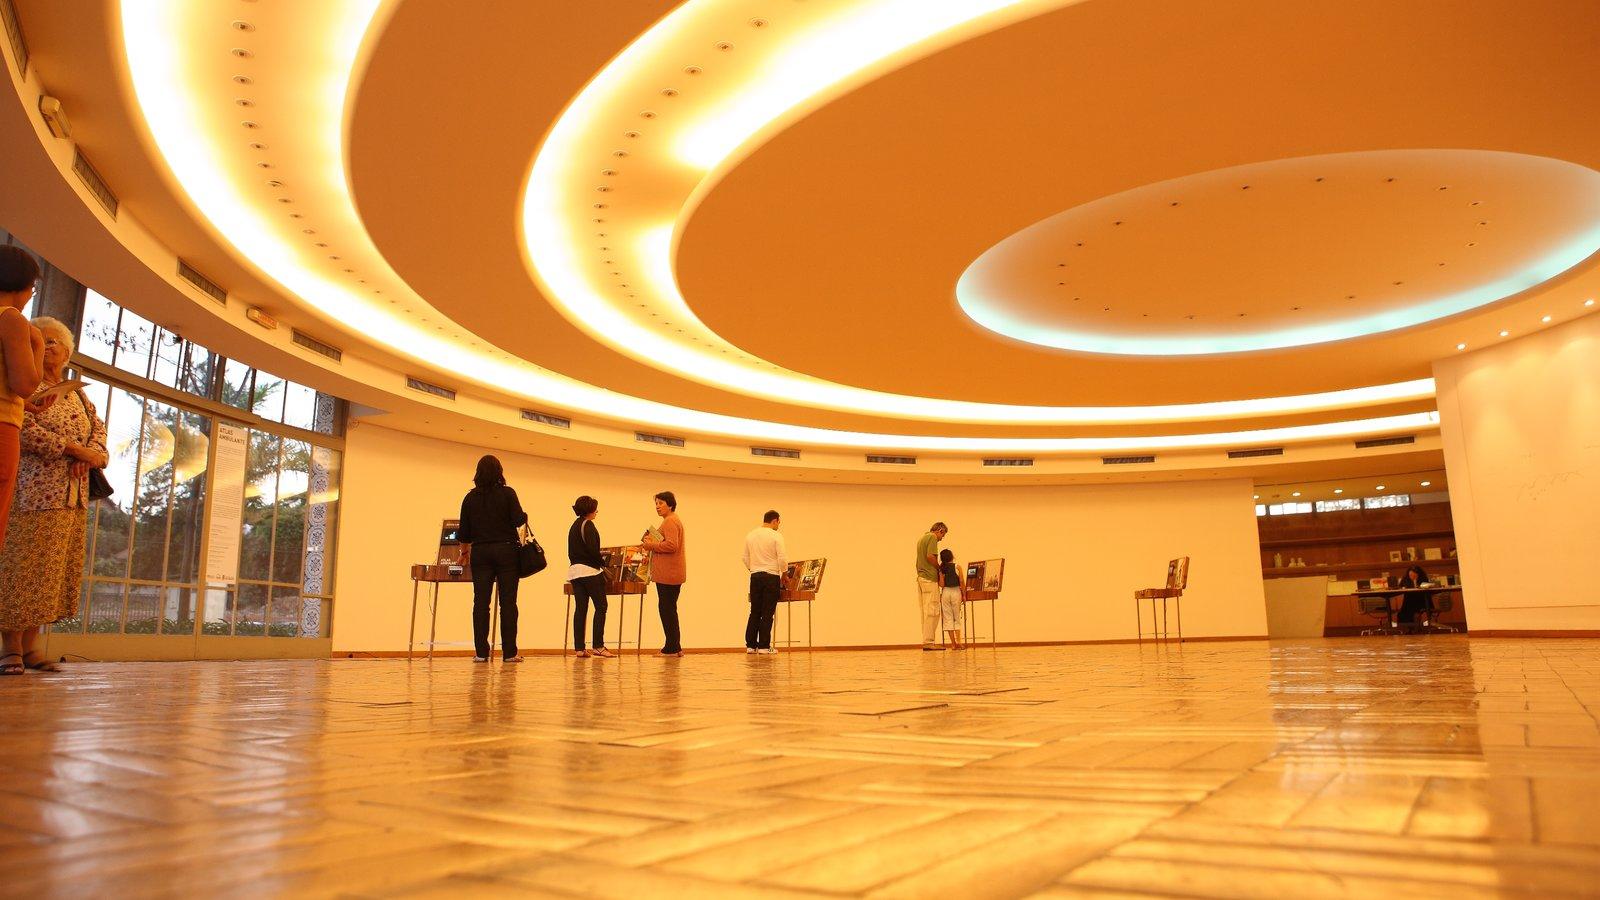 Belo Horizonte que inclui vistas internas assim como um grande grupo de pessoas